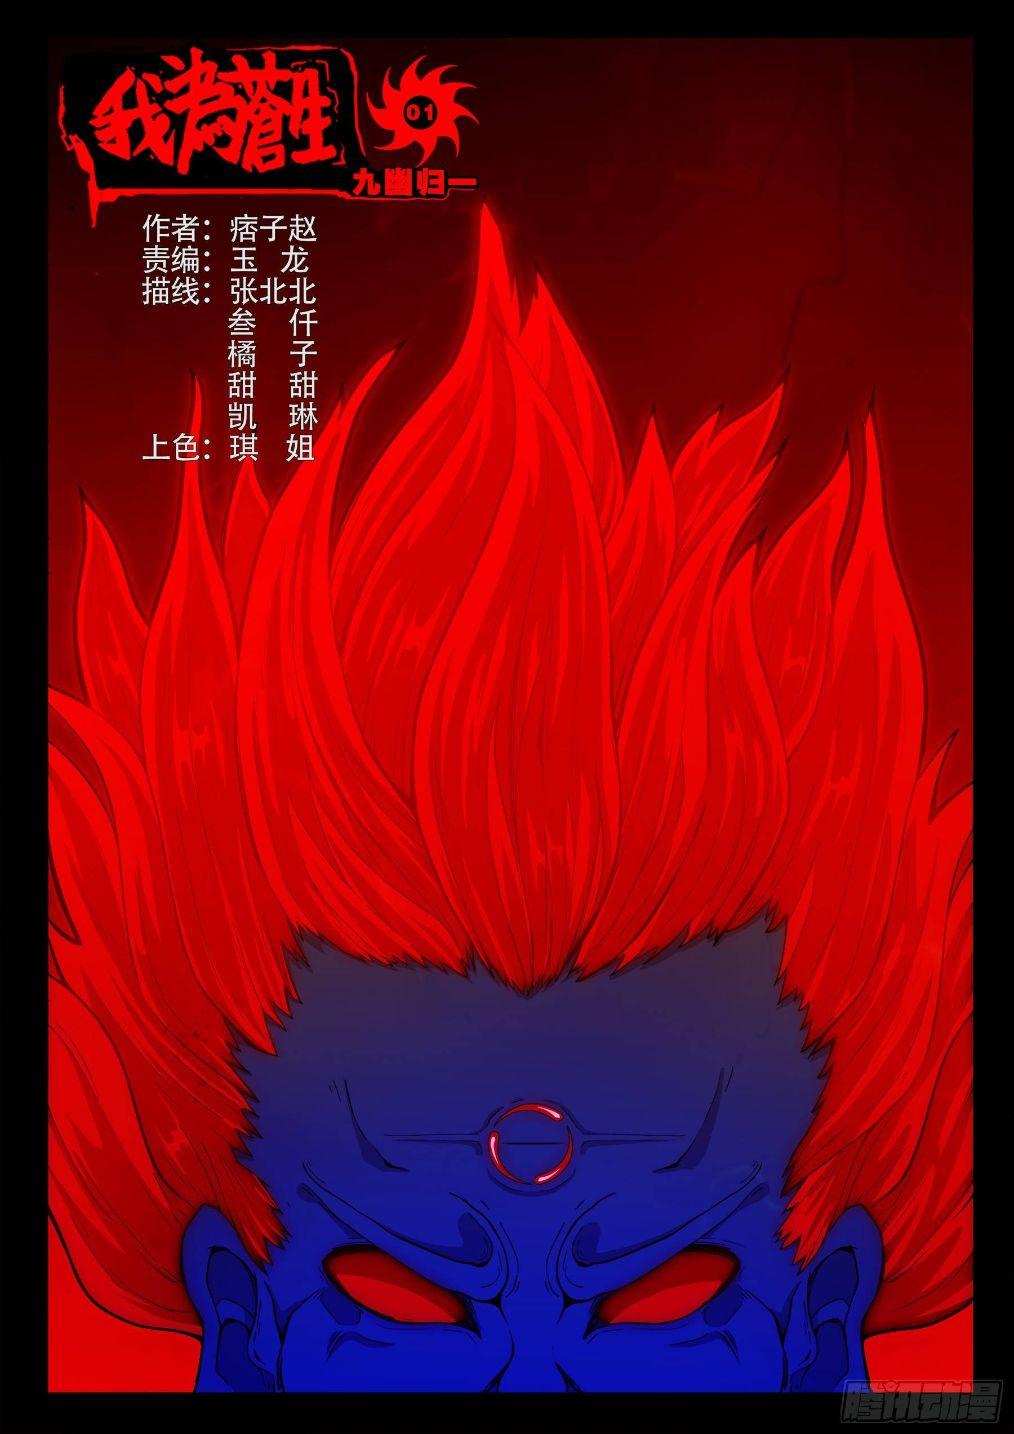 僵尸王漫画:《我为苍生》九幽归 01